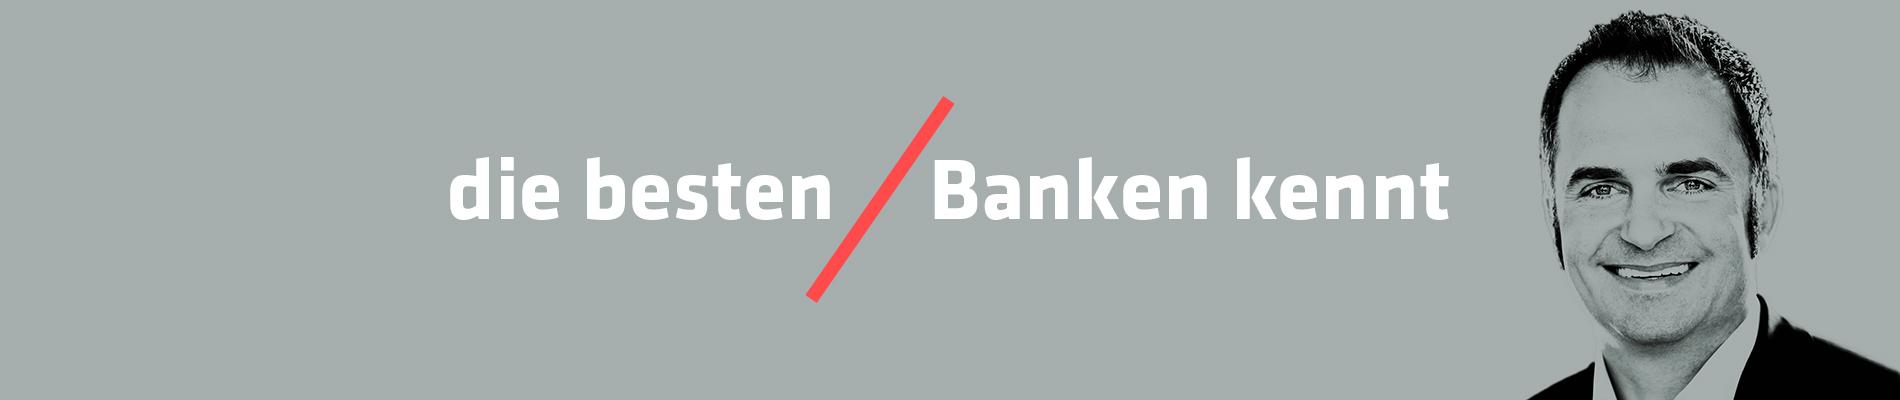 Oliver Urban Finanzberatung Baufinanzierung - die besten Banken und Baufinanzierer kennt